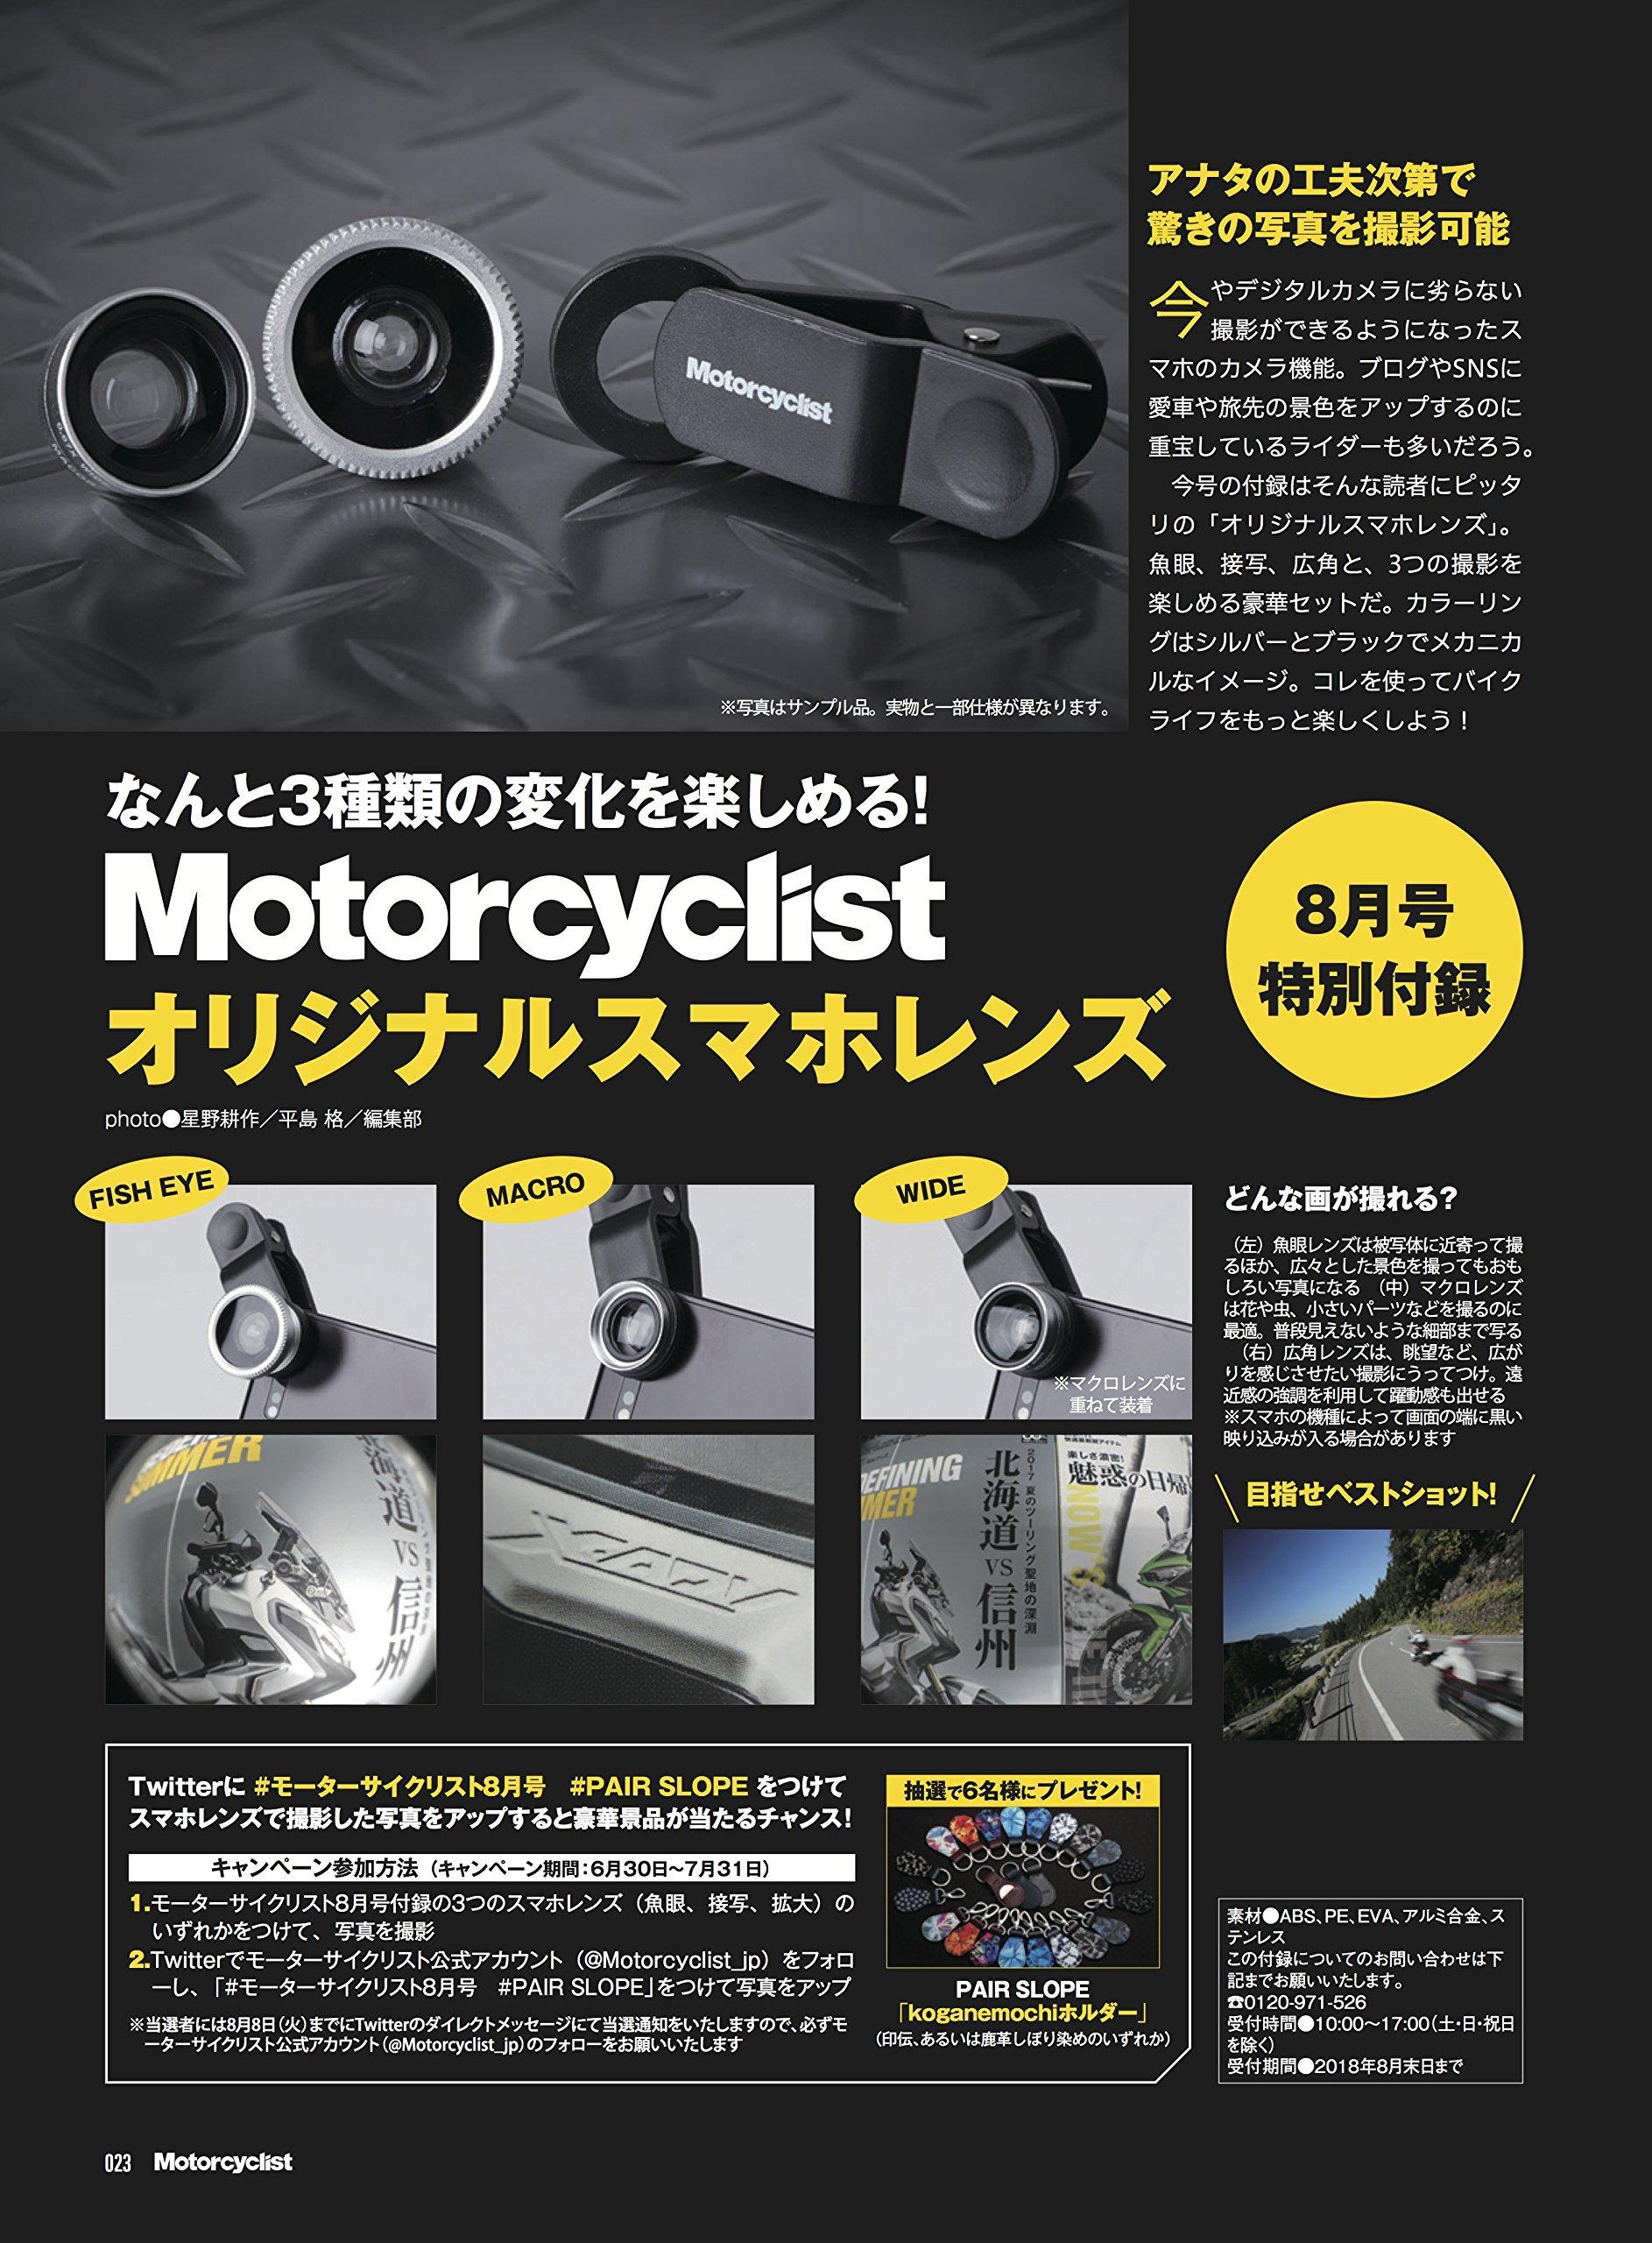 アマゾンで雑誌のMotorcyclist(モーターサイクリスト) 2017年08月号を買うと、魚眼、接写、広角のスマホレンズ3つが付録で付いてくる。6/30~。